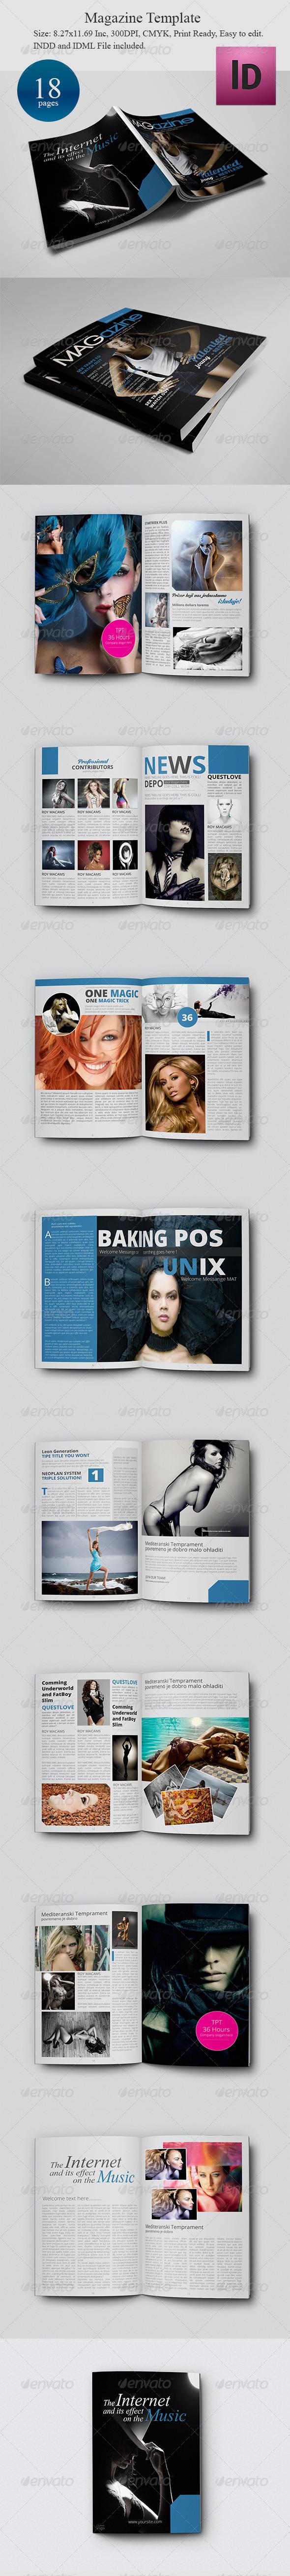 GraphicRiver Premium Magazine Template 5166668